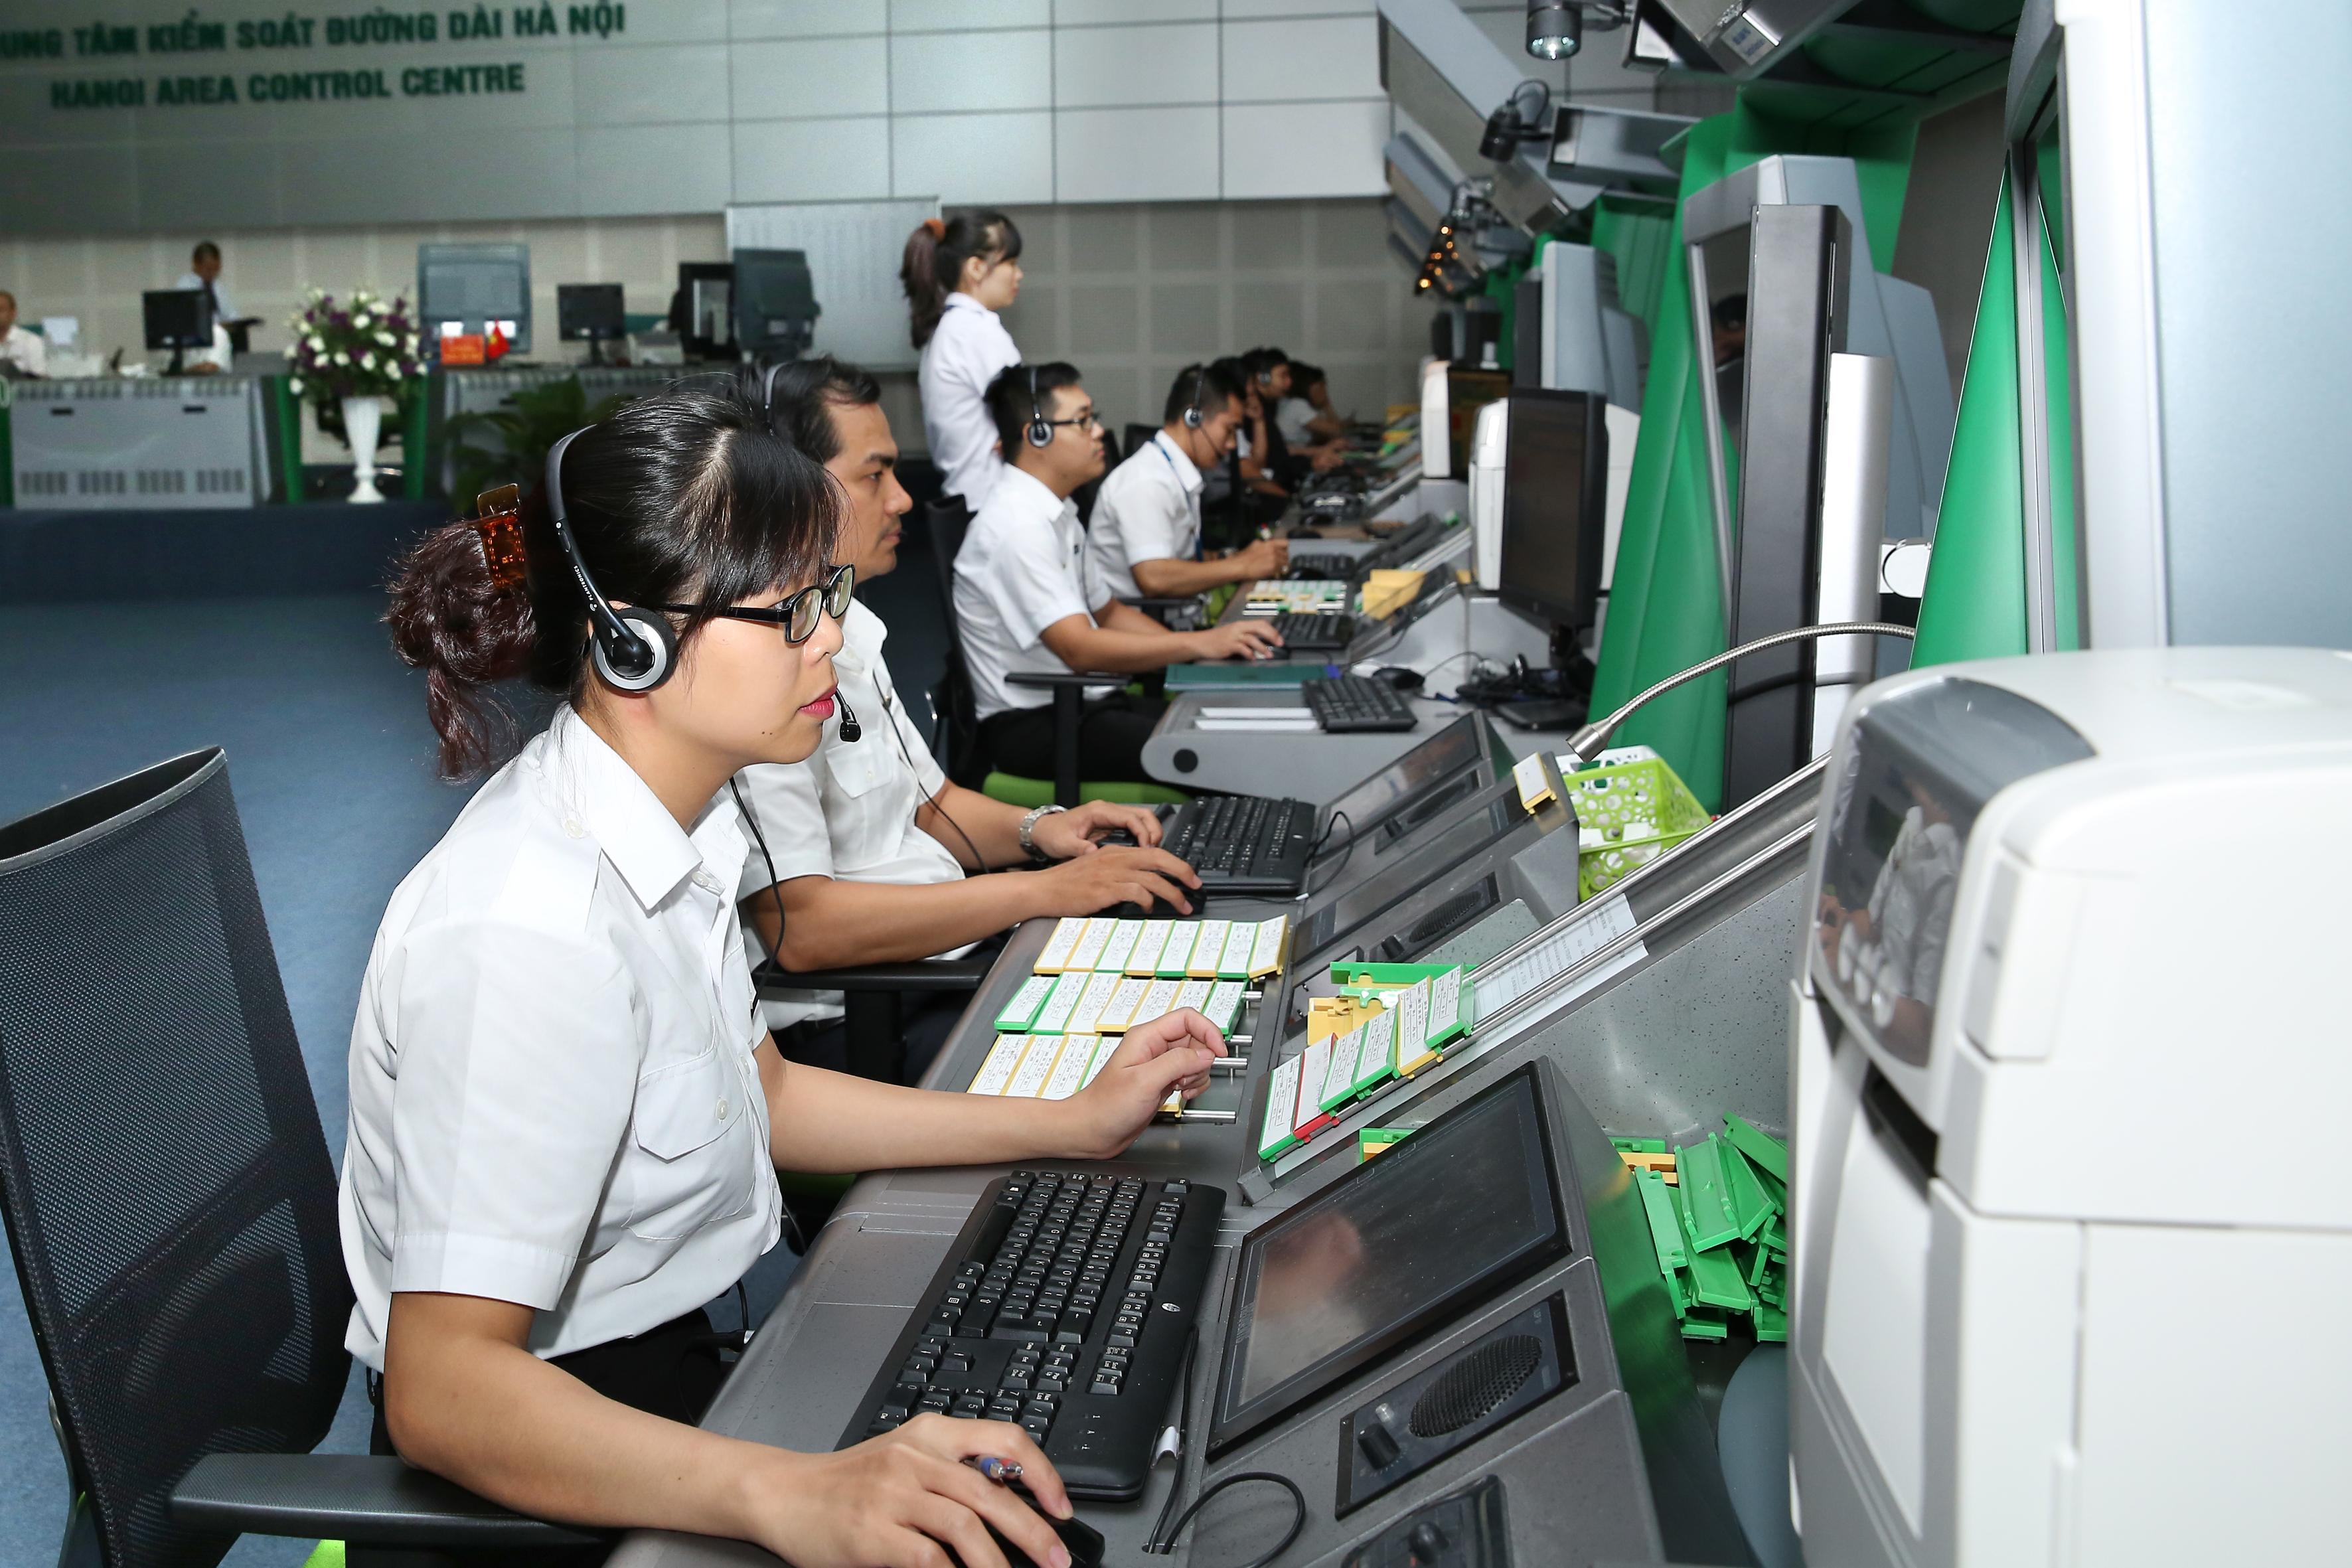 Tăng cường phối hợp với cơ quan quản lý Nhà nước trong công tác thu phí điều hành bay